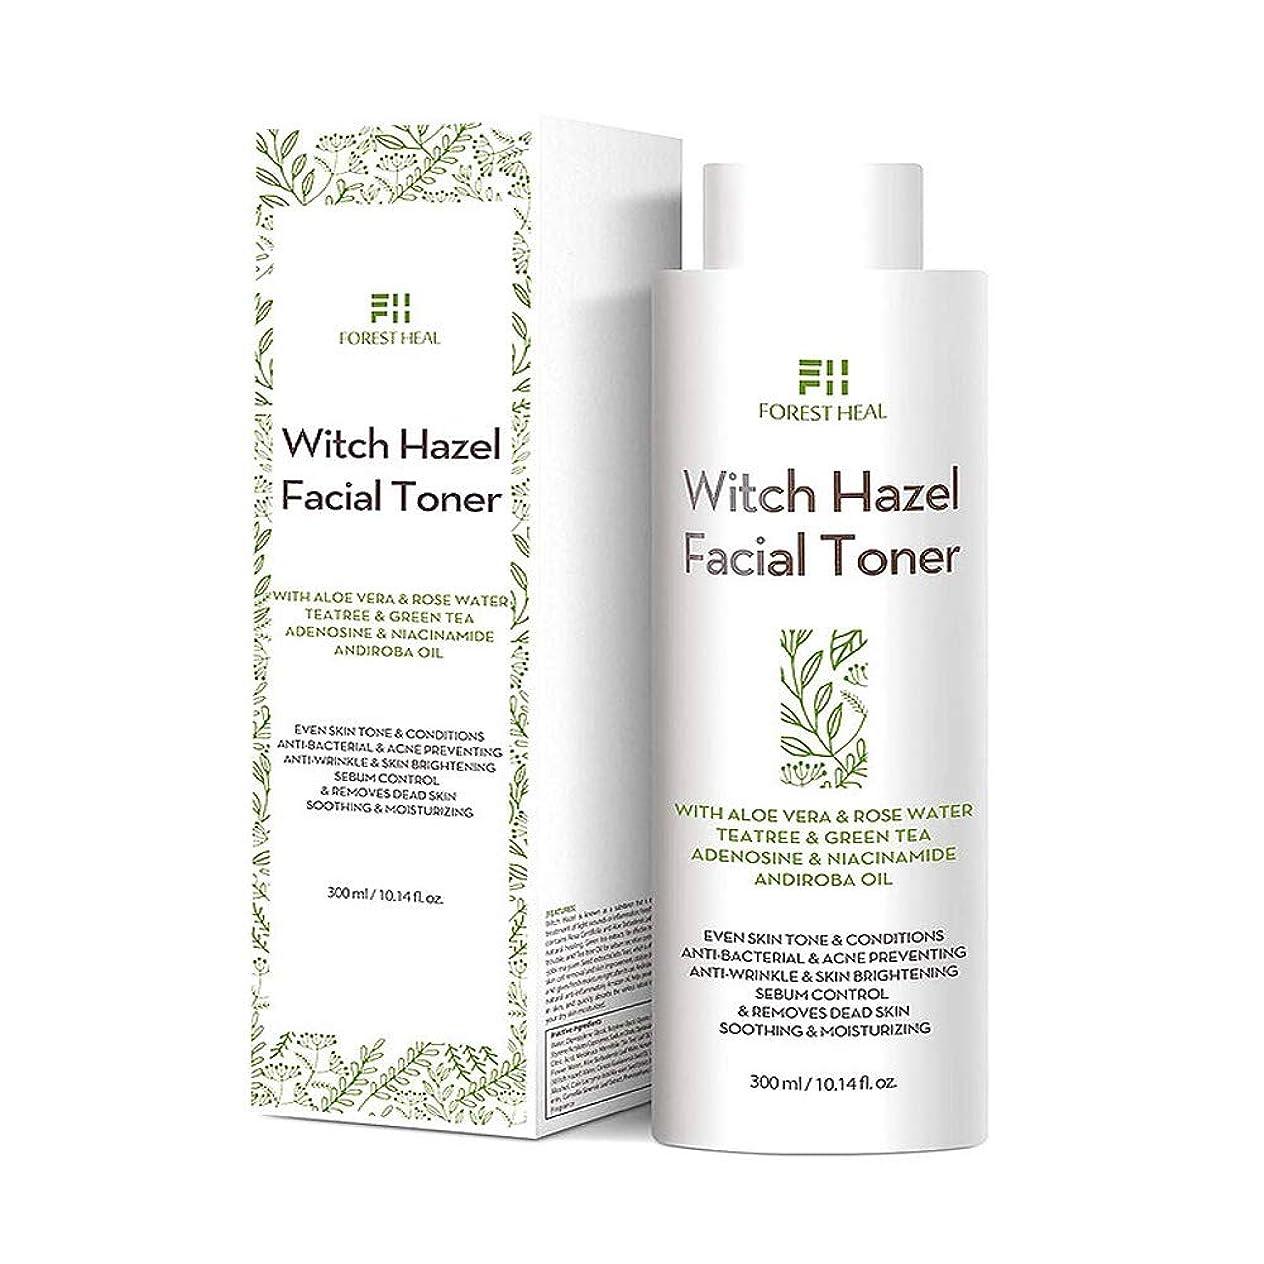 才能のある可愛い進化フォレストヒール ウィッチハーゼルトナー FOREST HEAL Witch Hazel Toner 化粧水 スキントナー 肌トラブル改善 ツヤ肌 スキンケア すべすべ肌 オーガニック さっぱり化粧水 敏感肌 トラブル肌 うるおい補給 透明感